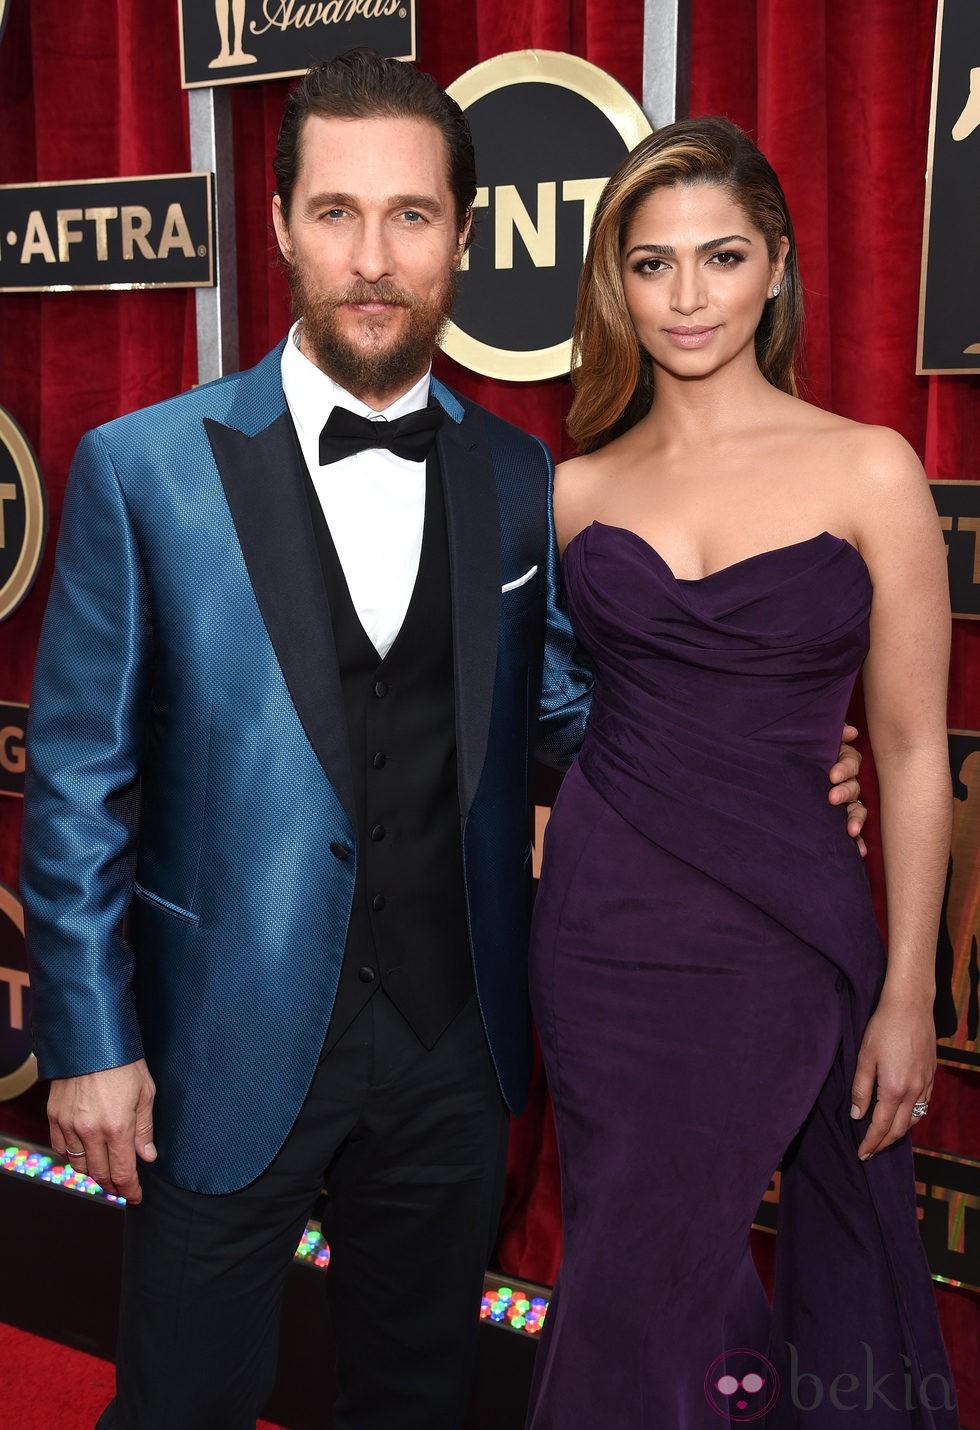 Matthew McConaughey y Camila Alves en la alfombra roja de los Screen Actors Guild Awards 2015